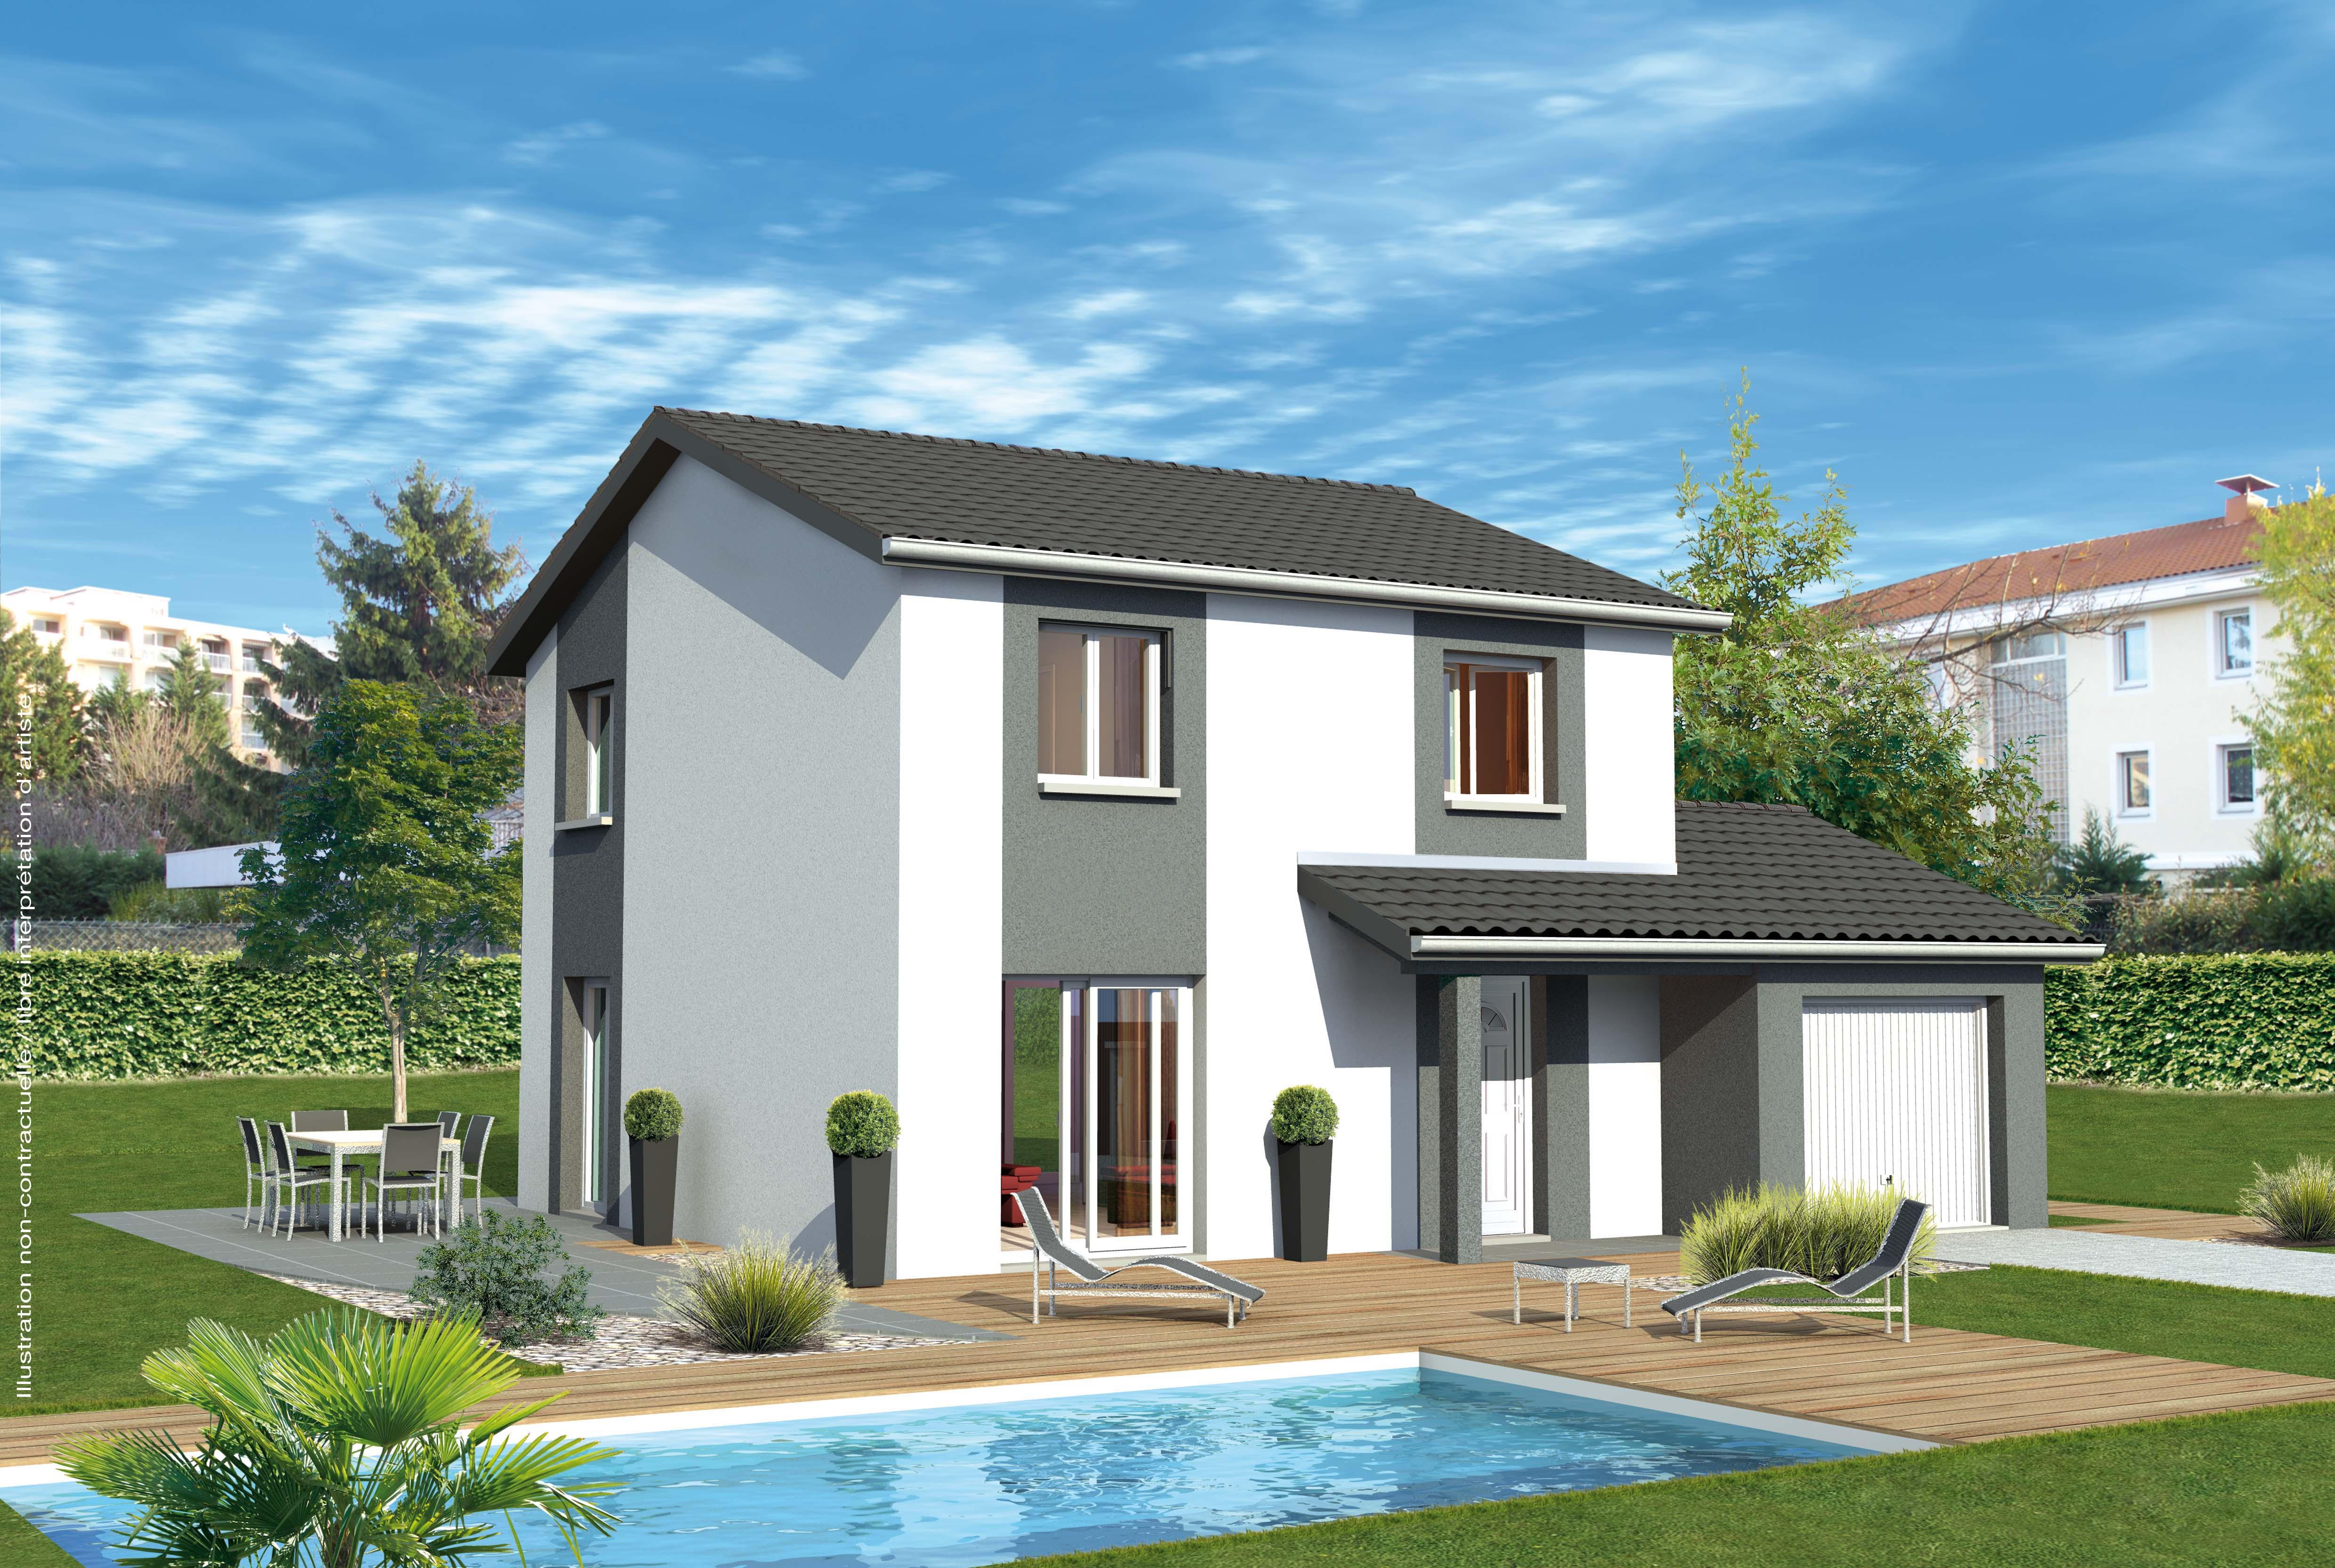 Maisons + Terrains du constructeur MAISONS PUNCH • 94 m² • BELLEVILLE